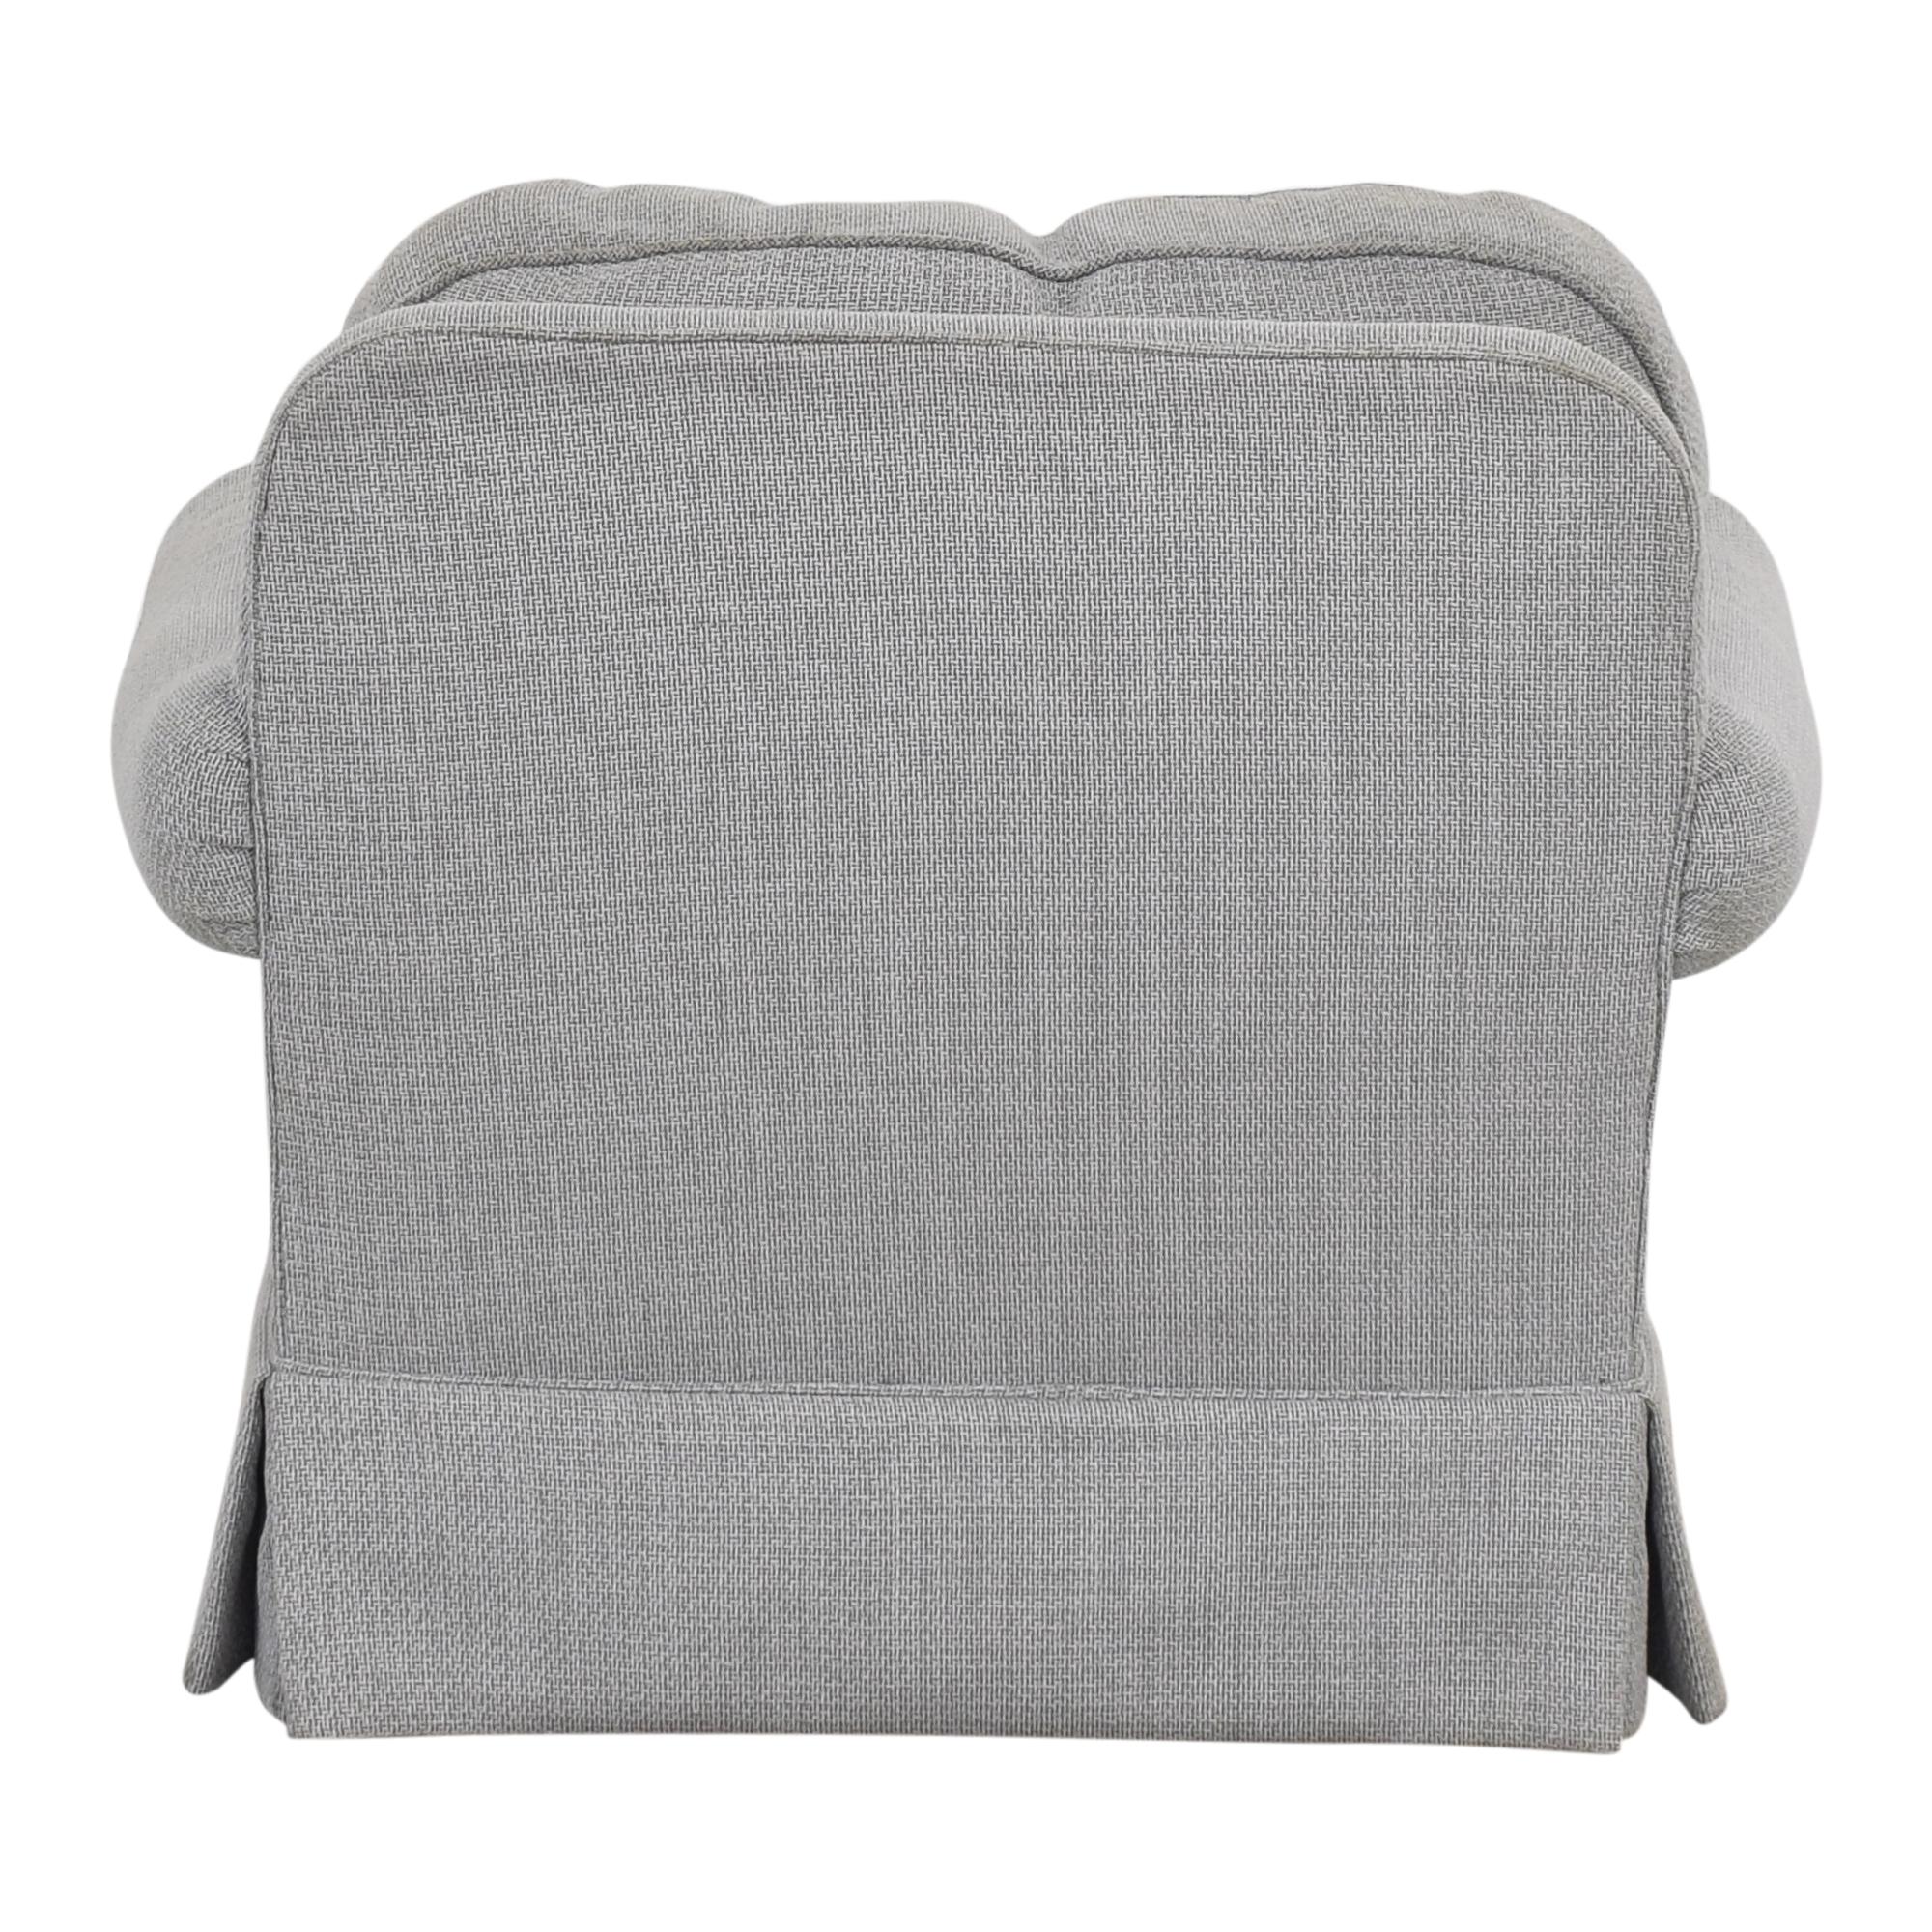 Custom Slipcovered Armchair on sale